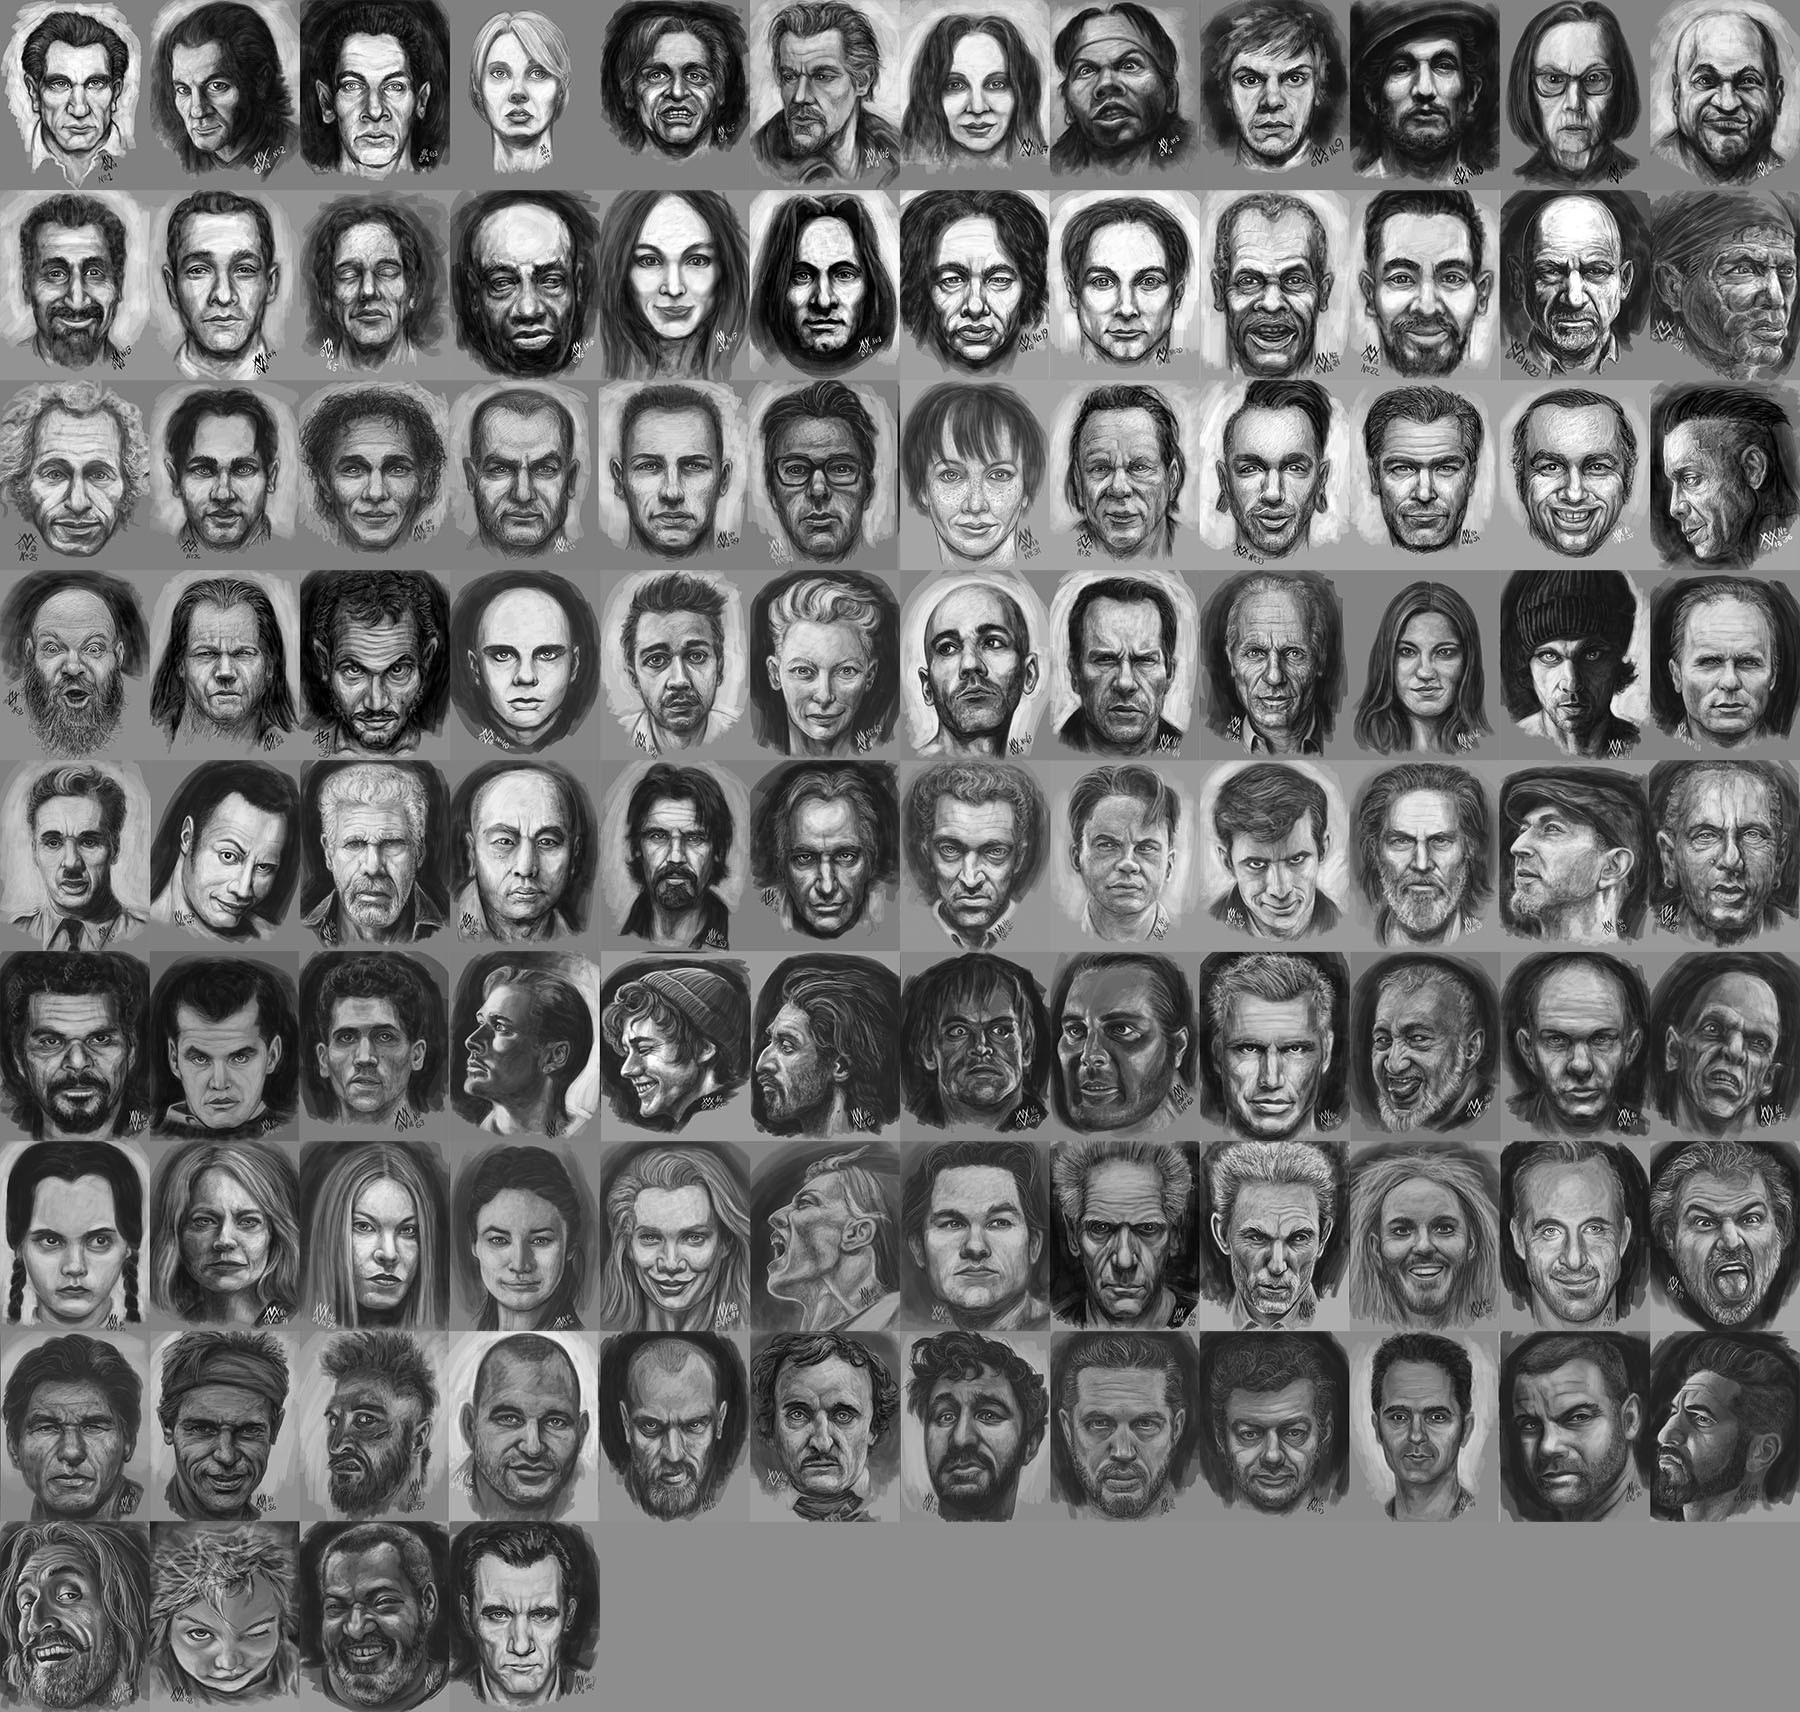 Michal vondracek 100faces